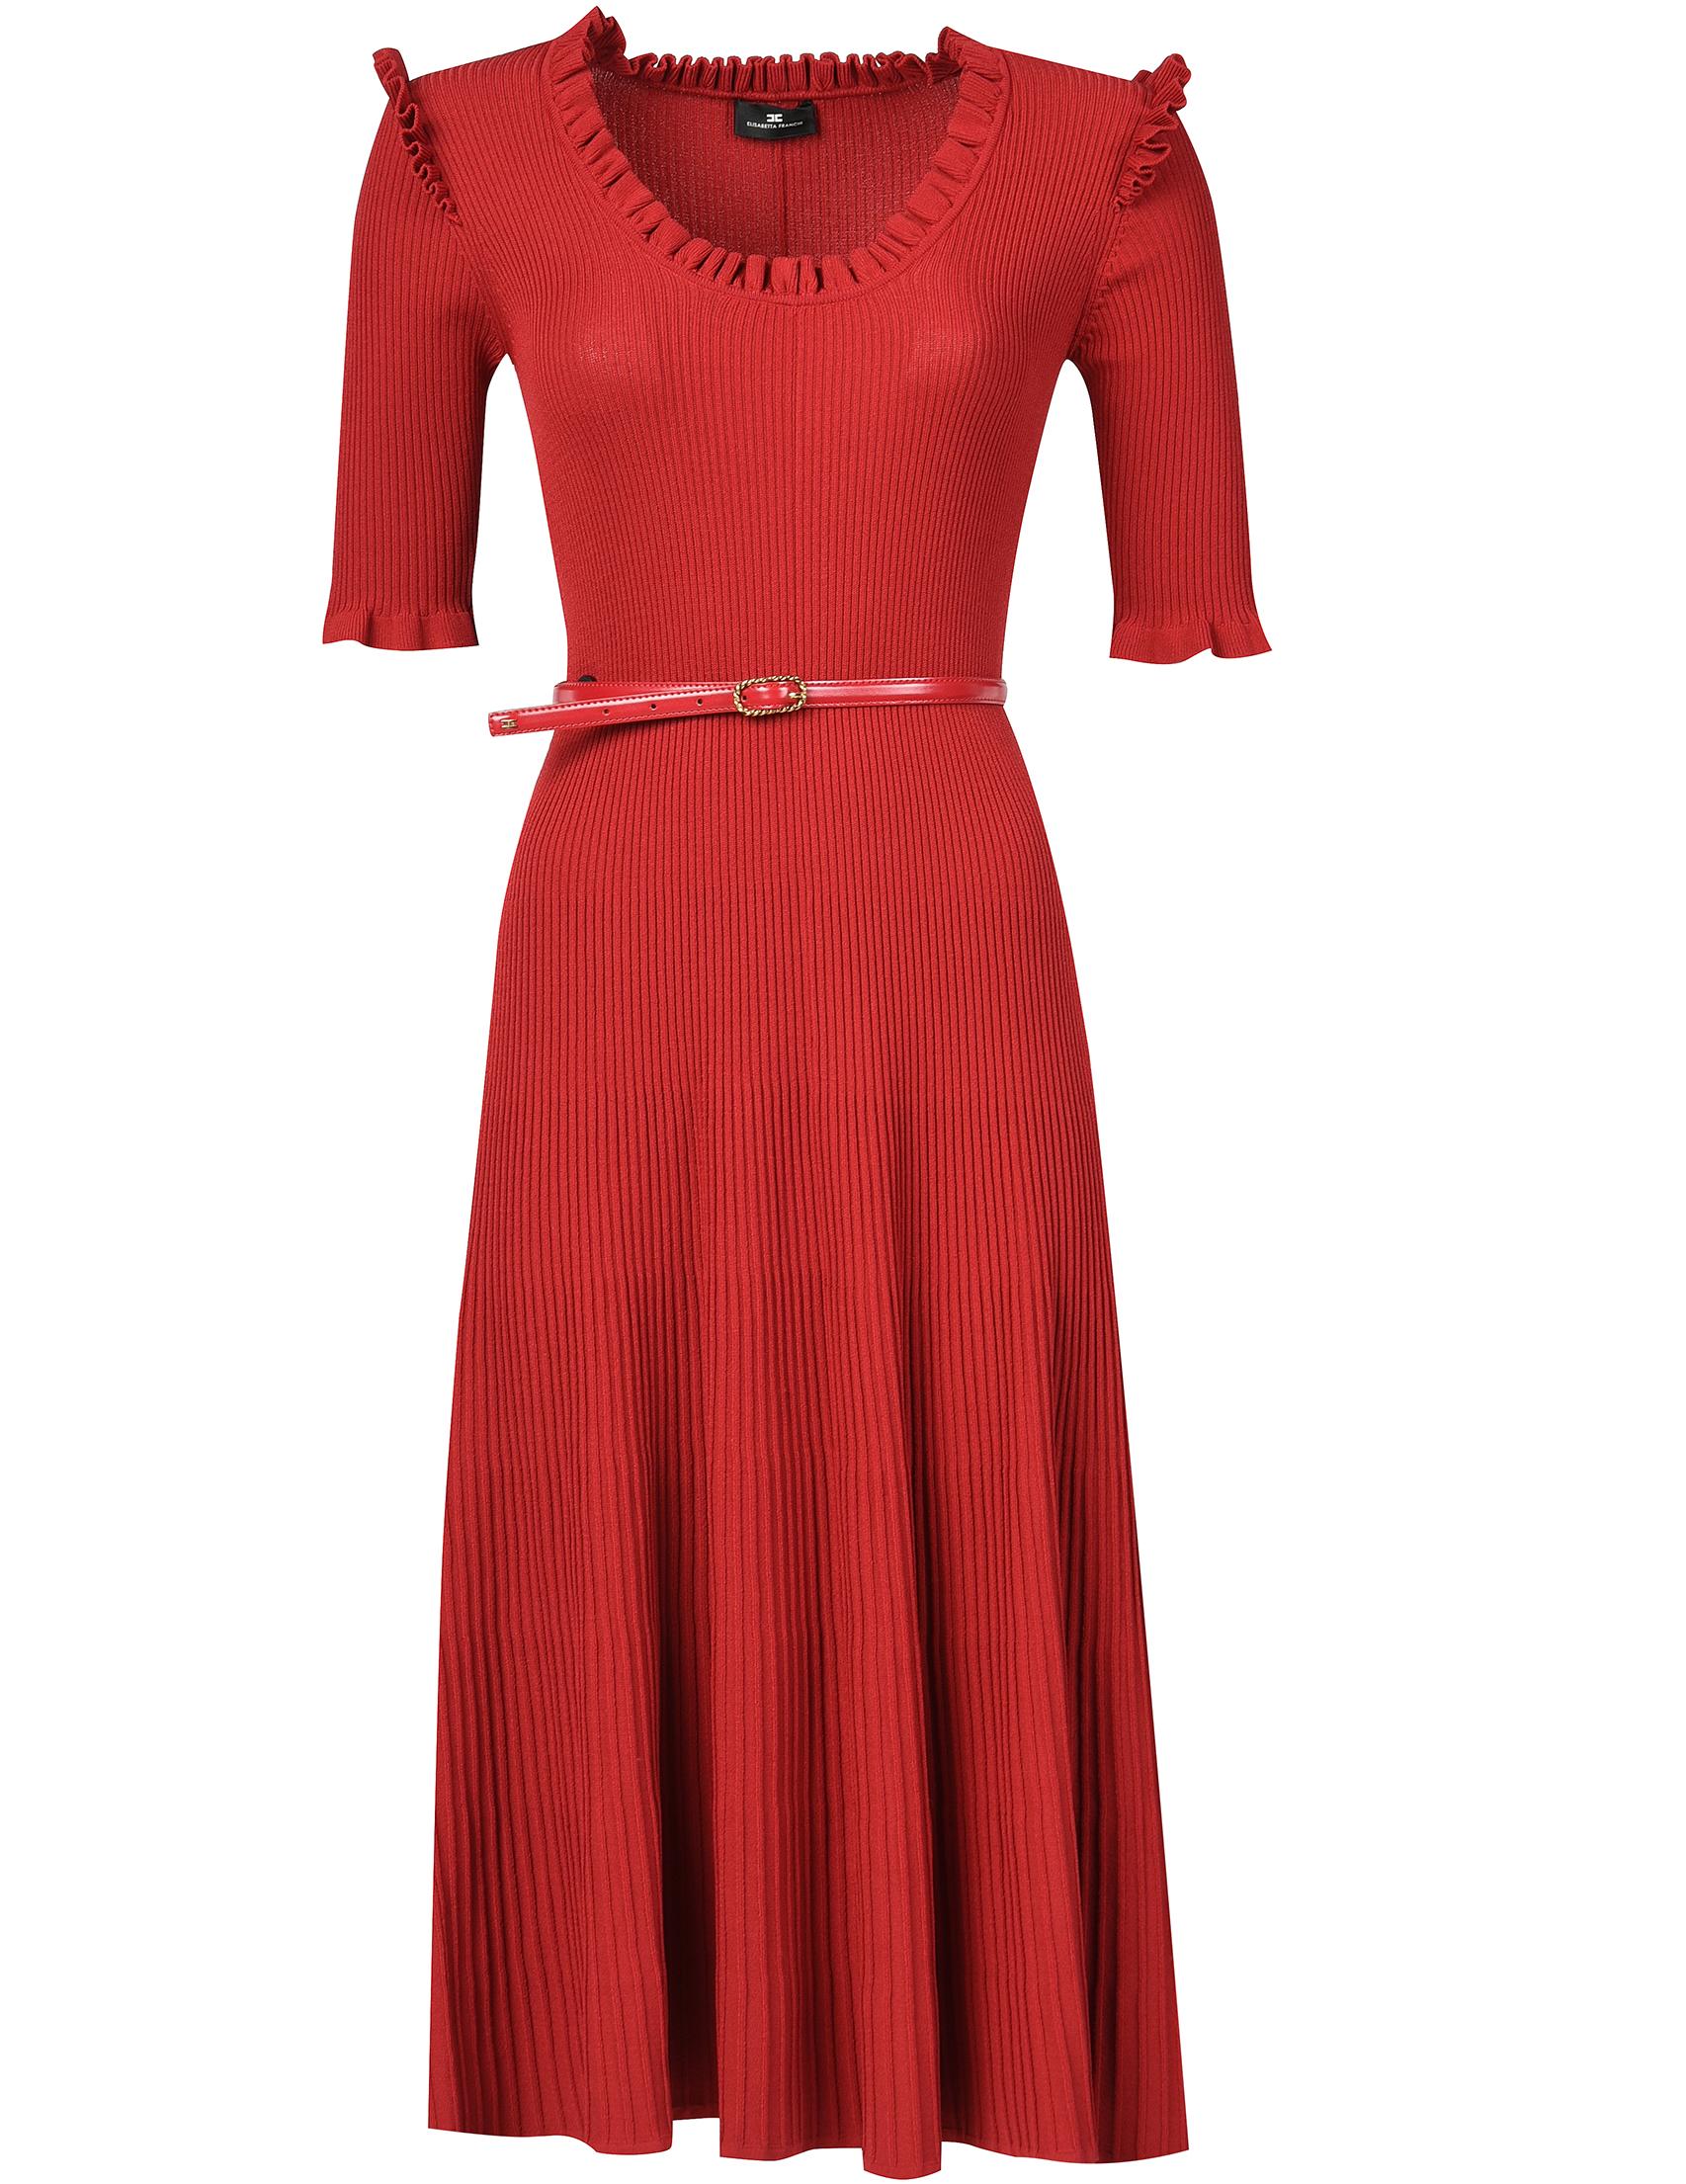 Купить Платье, ELISABETTA FRANCHI, Красный, 78%Вискоза 22%Полиамид, Осень-Зима